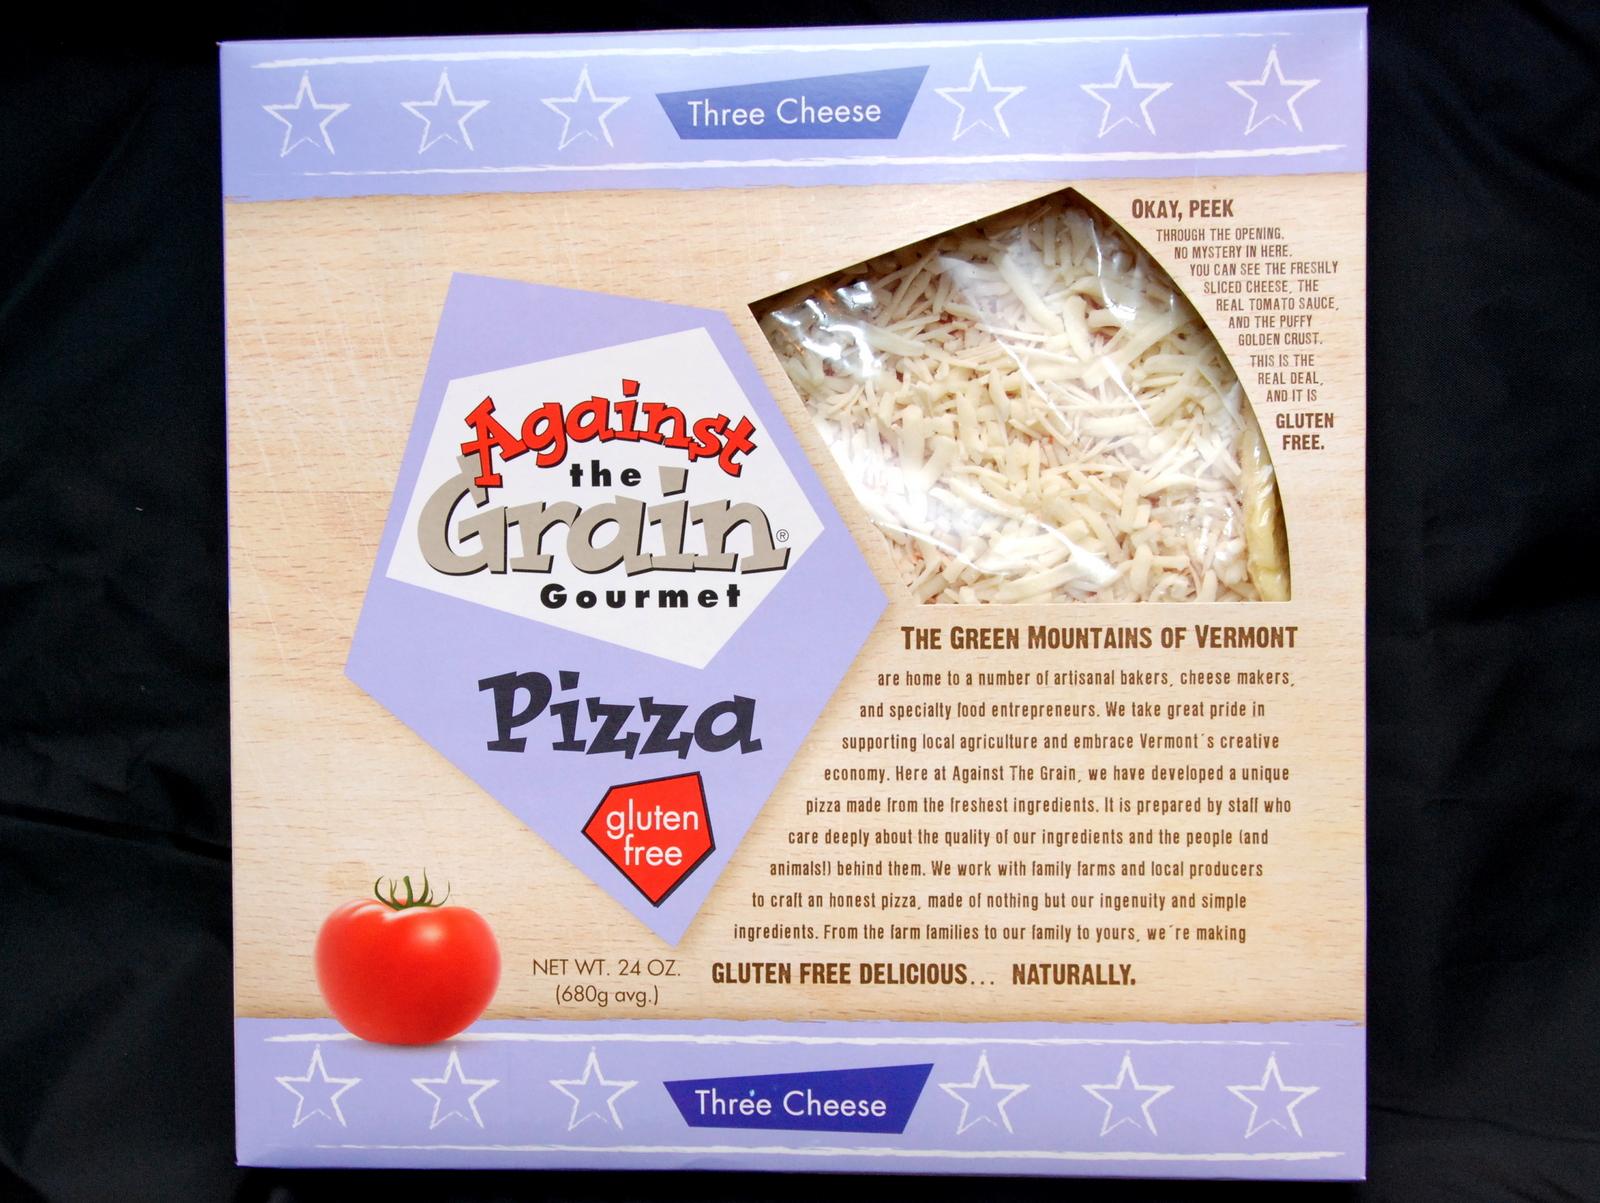 case against frozen foods